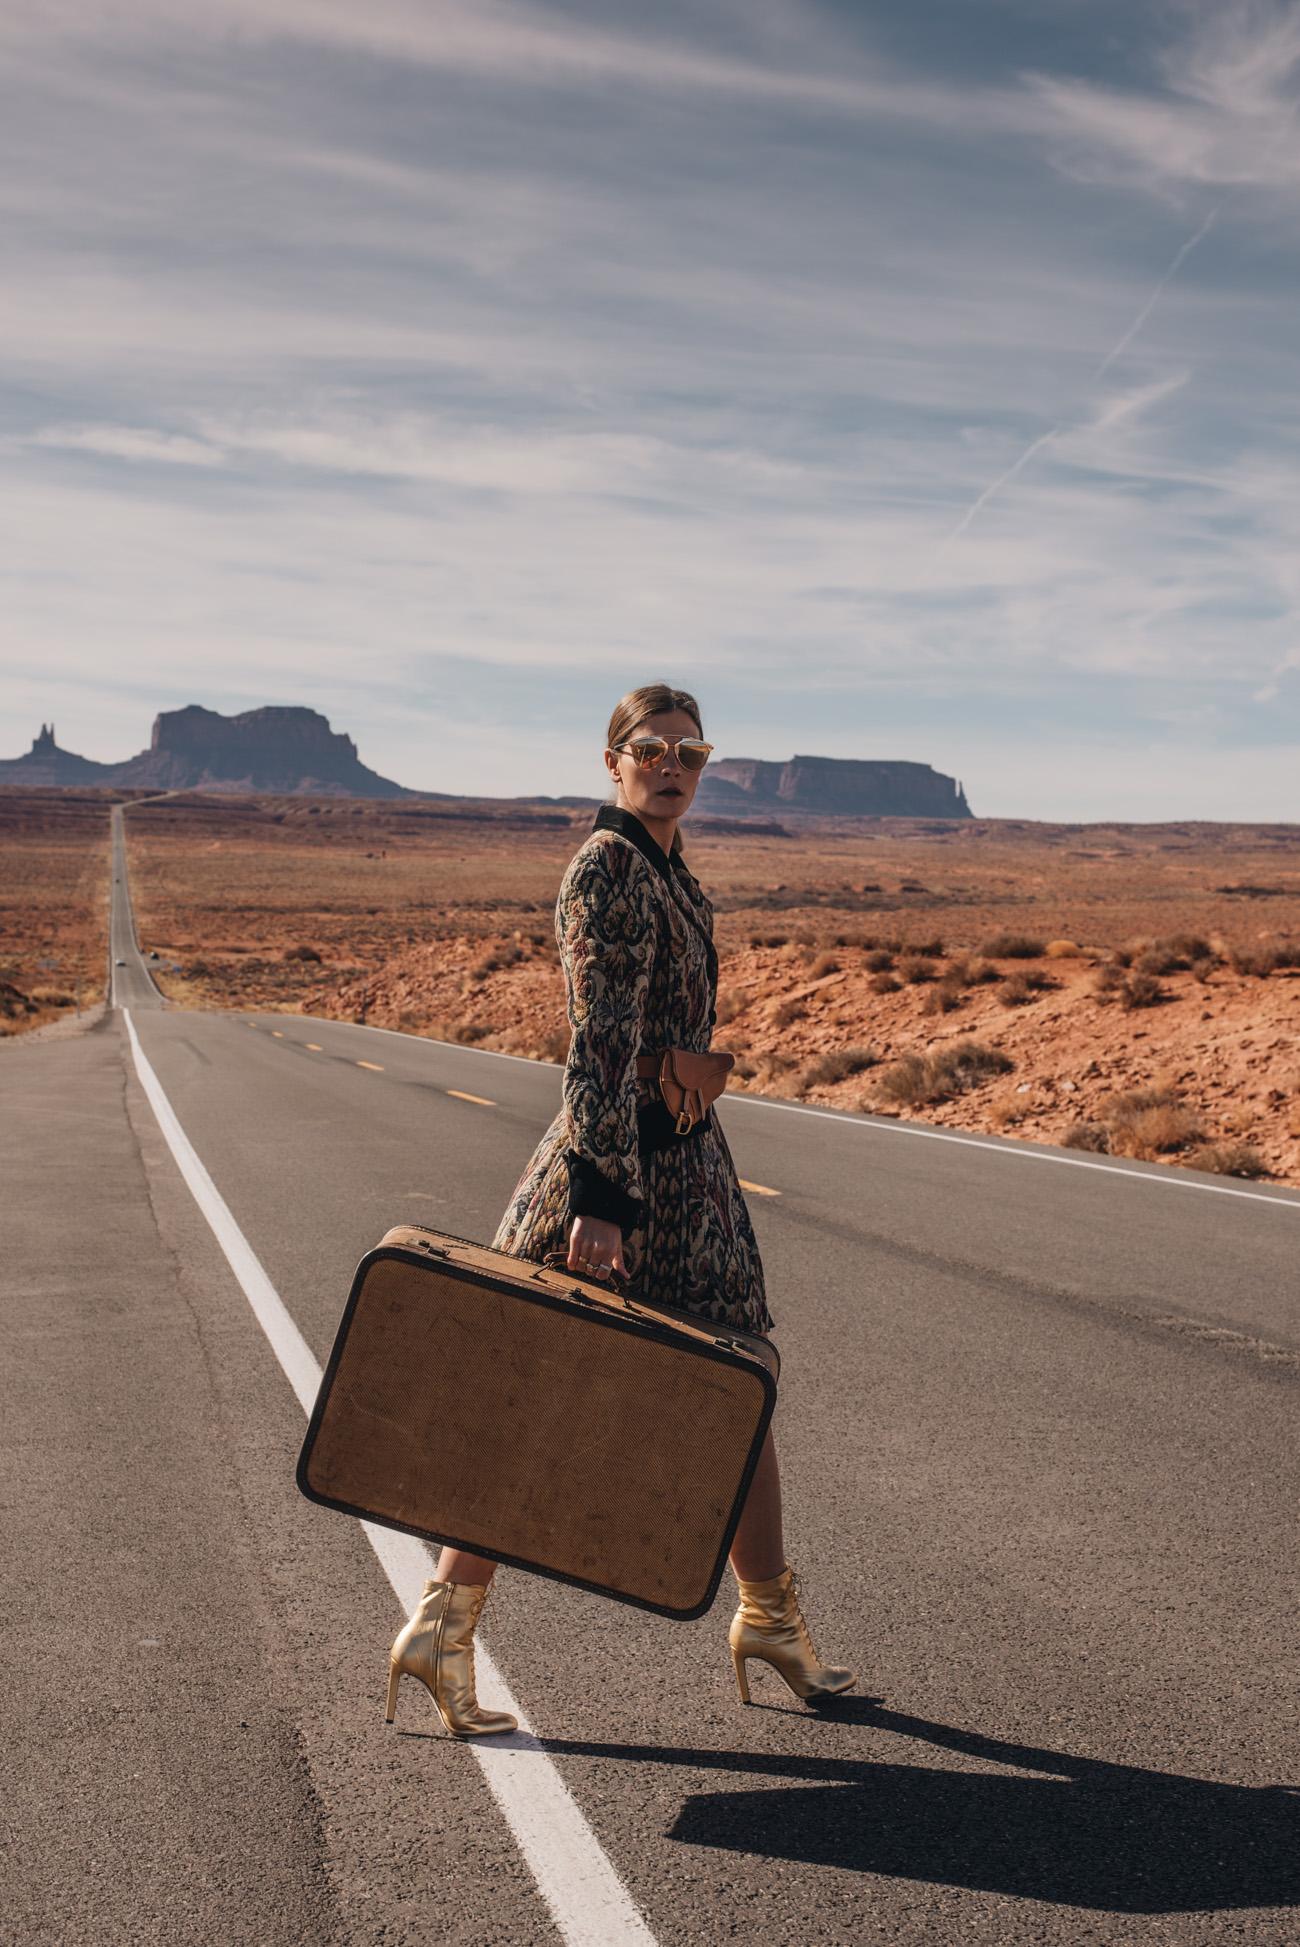 Mode-Strecke-Fashion-Editorial-Shooting-Highway-autobahn-straßenrand-monument-valley-Kalifornien-Mode-bloggerin-nina-schwichtenberg-fashiioncarpet-deutschland-münchen